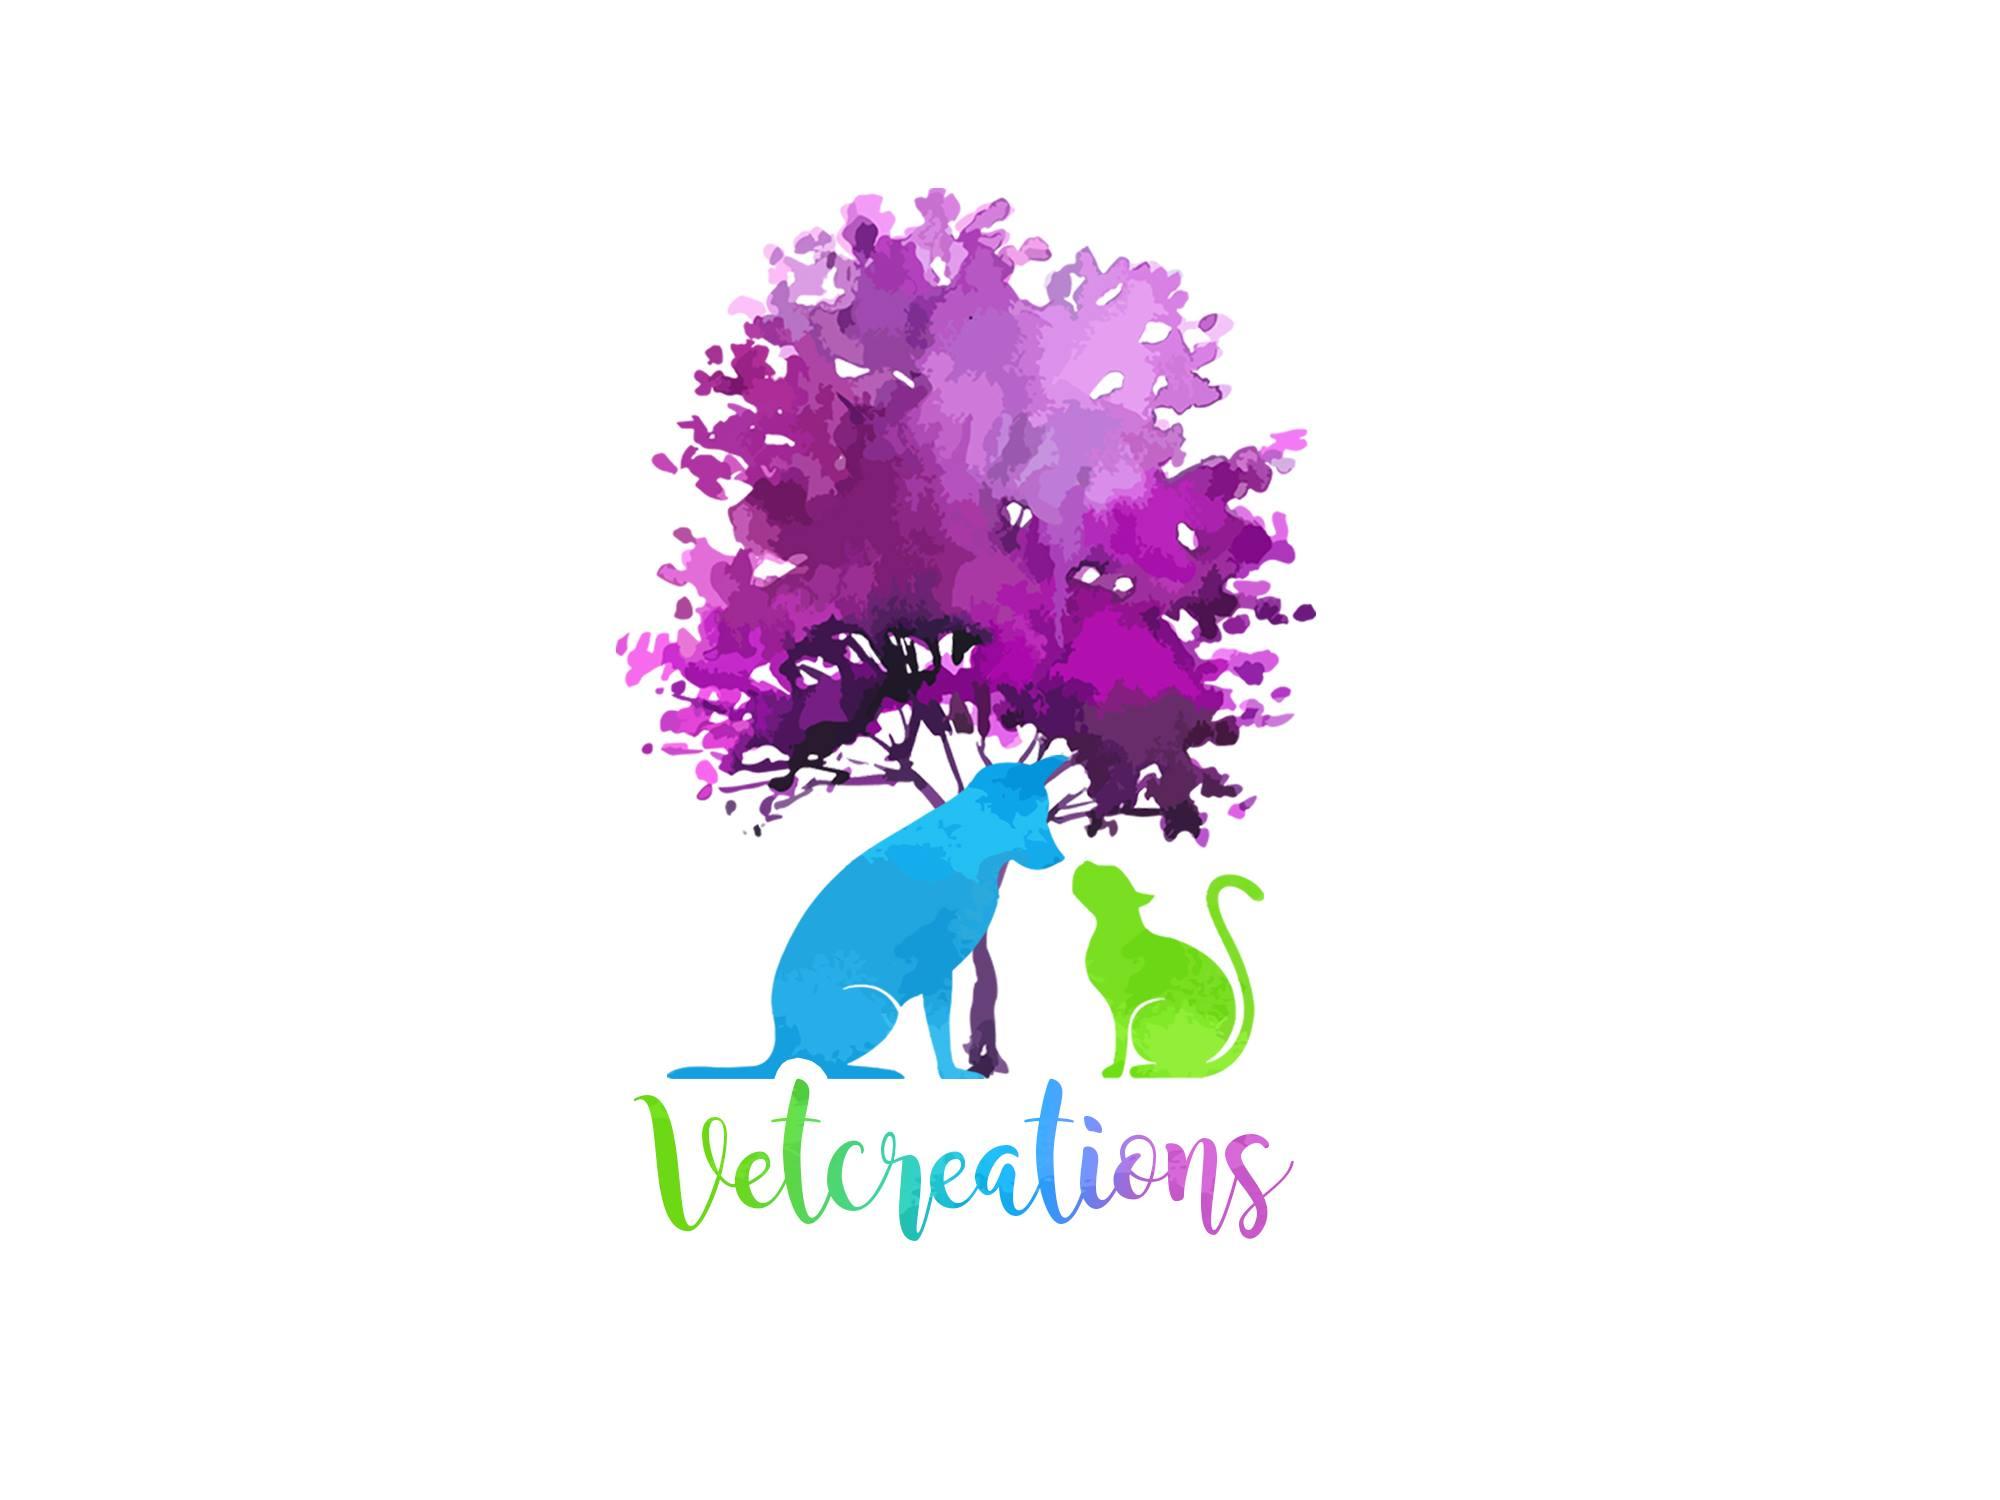 Vetcreations